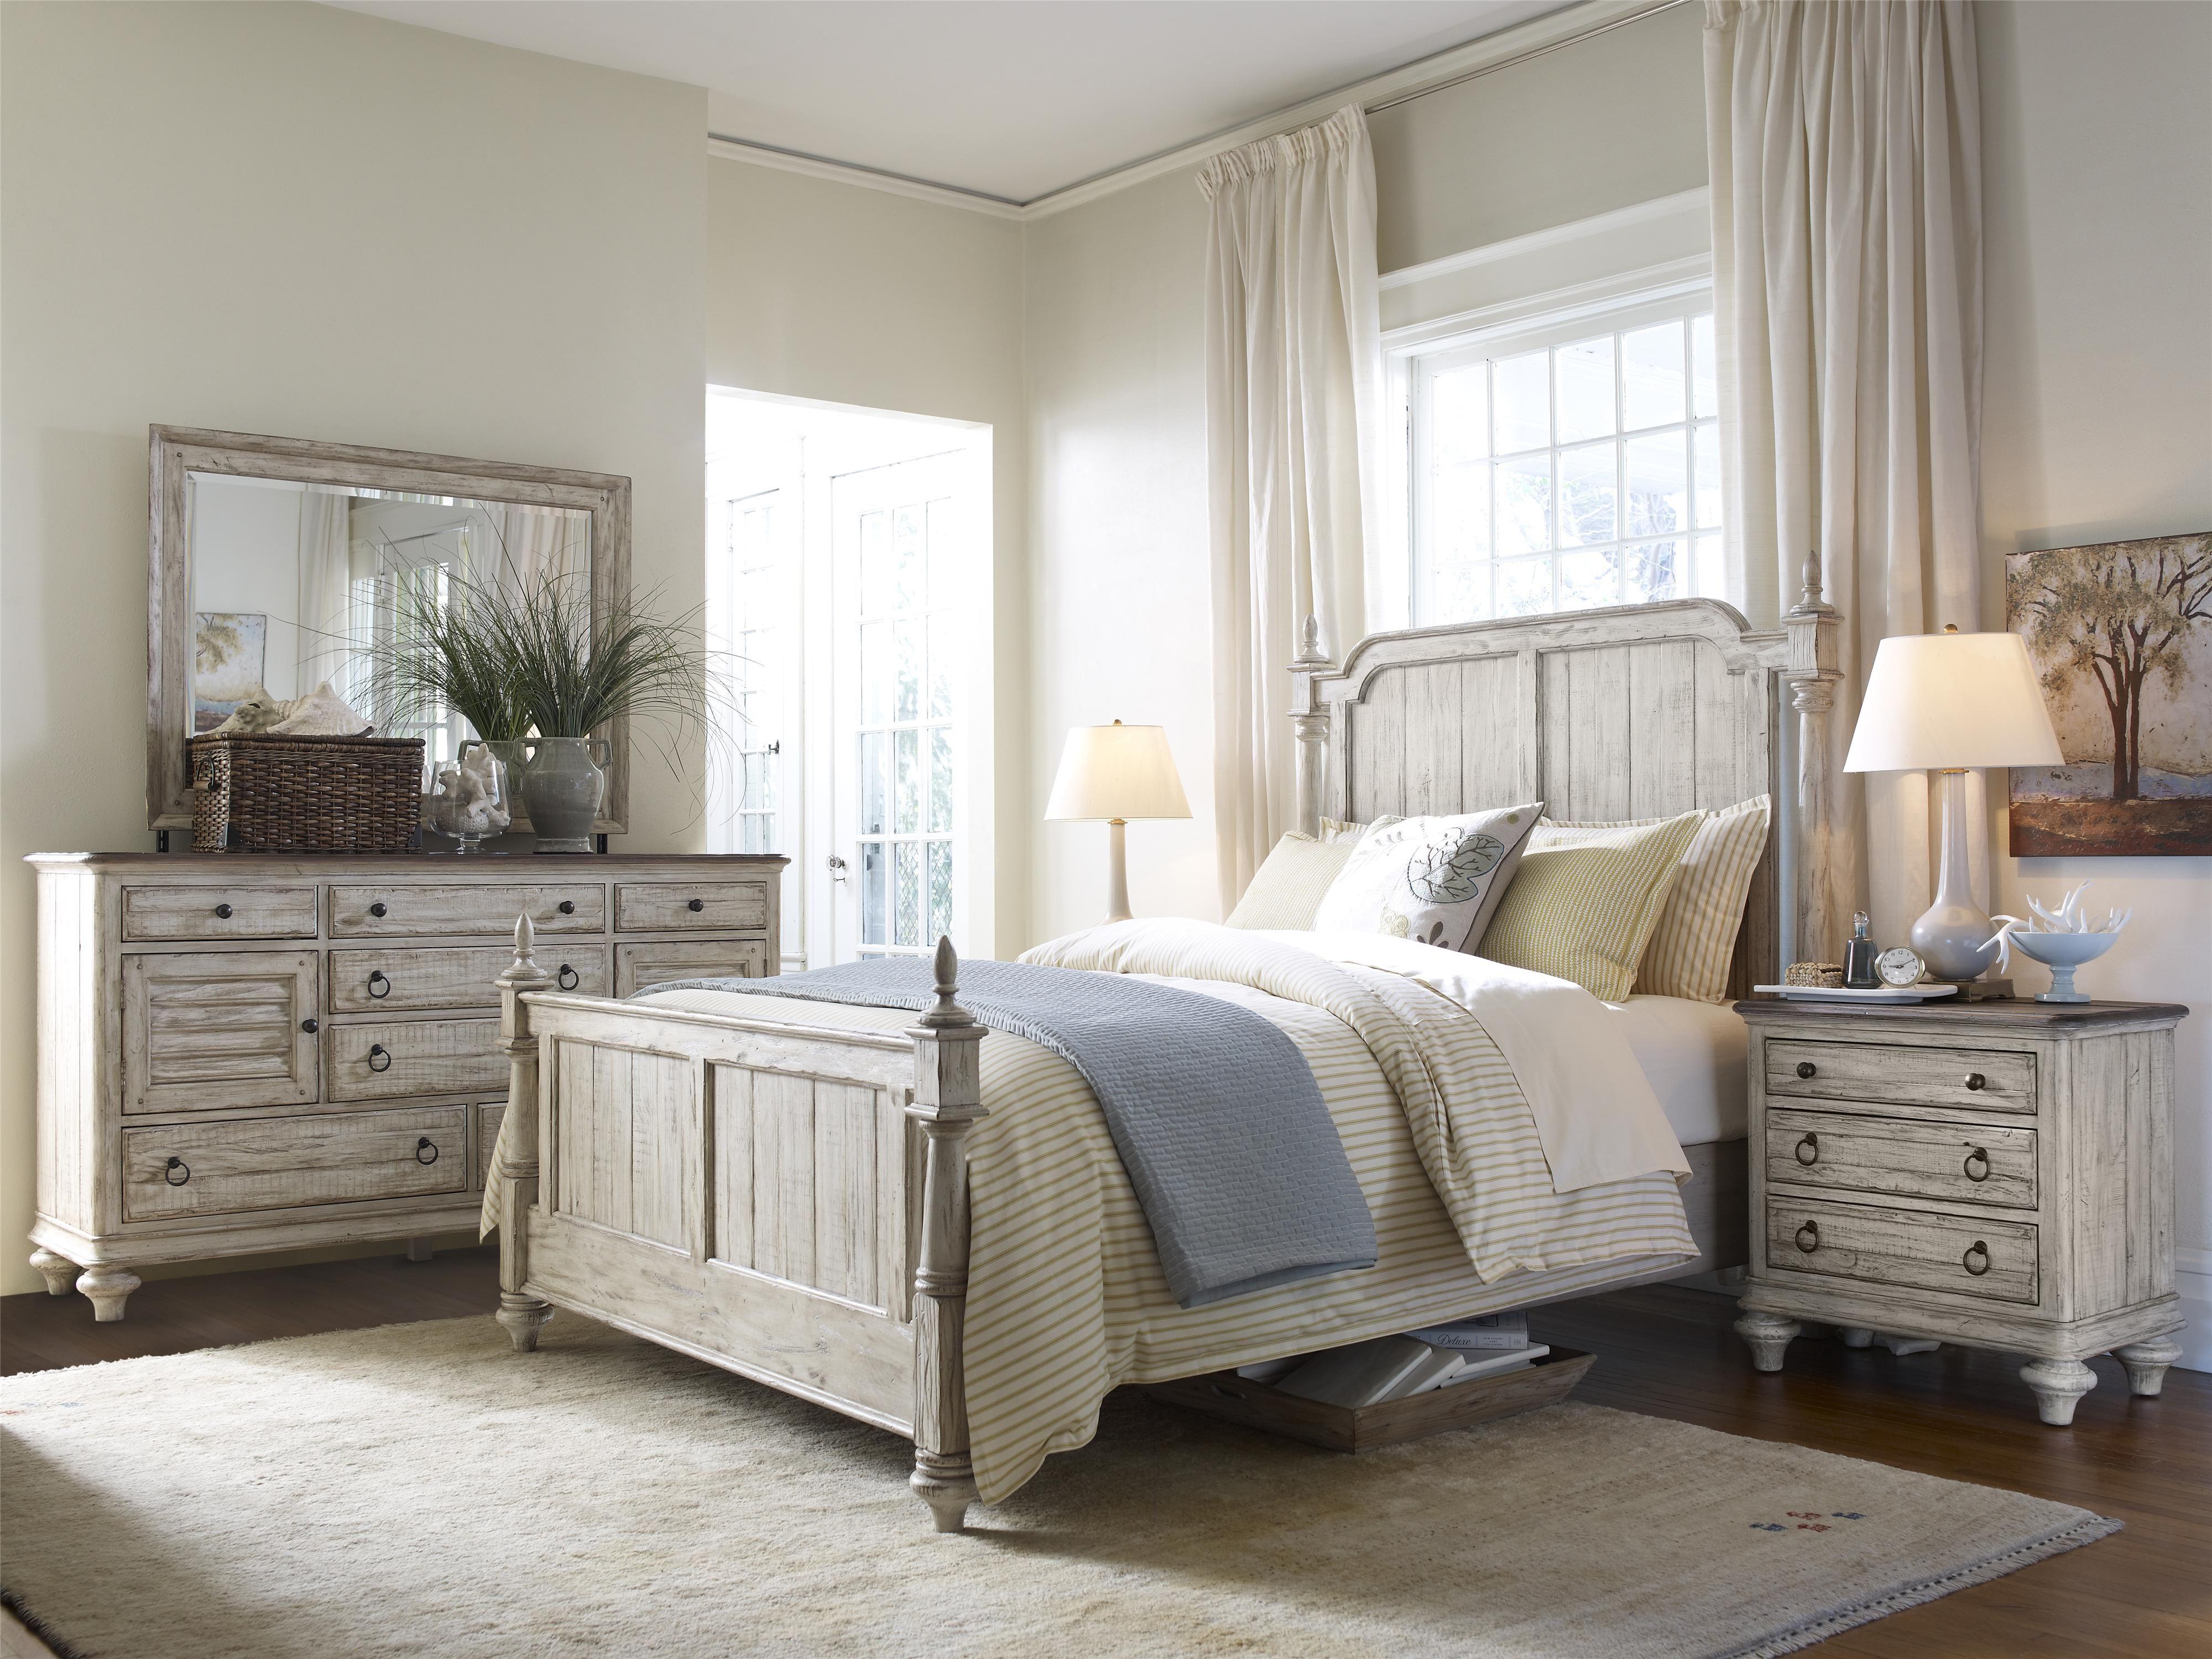 Kincaid Bedroom Furniture Symmetry